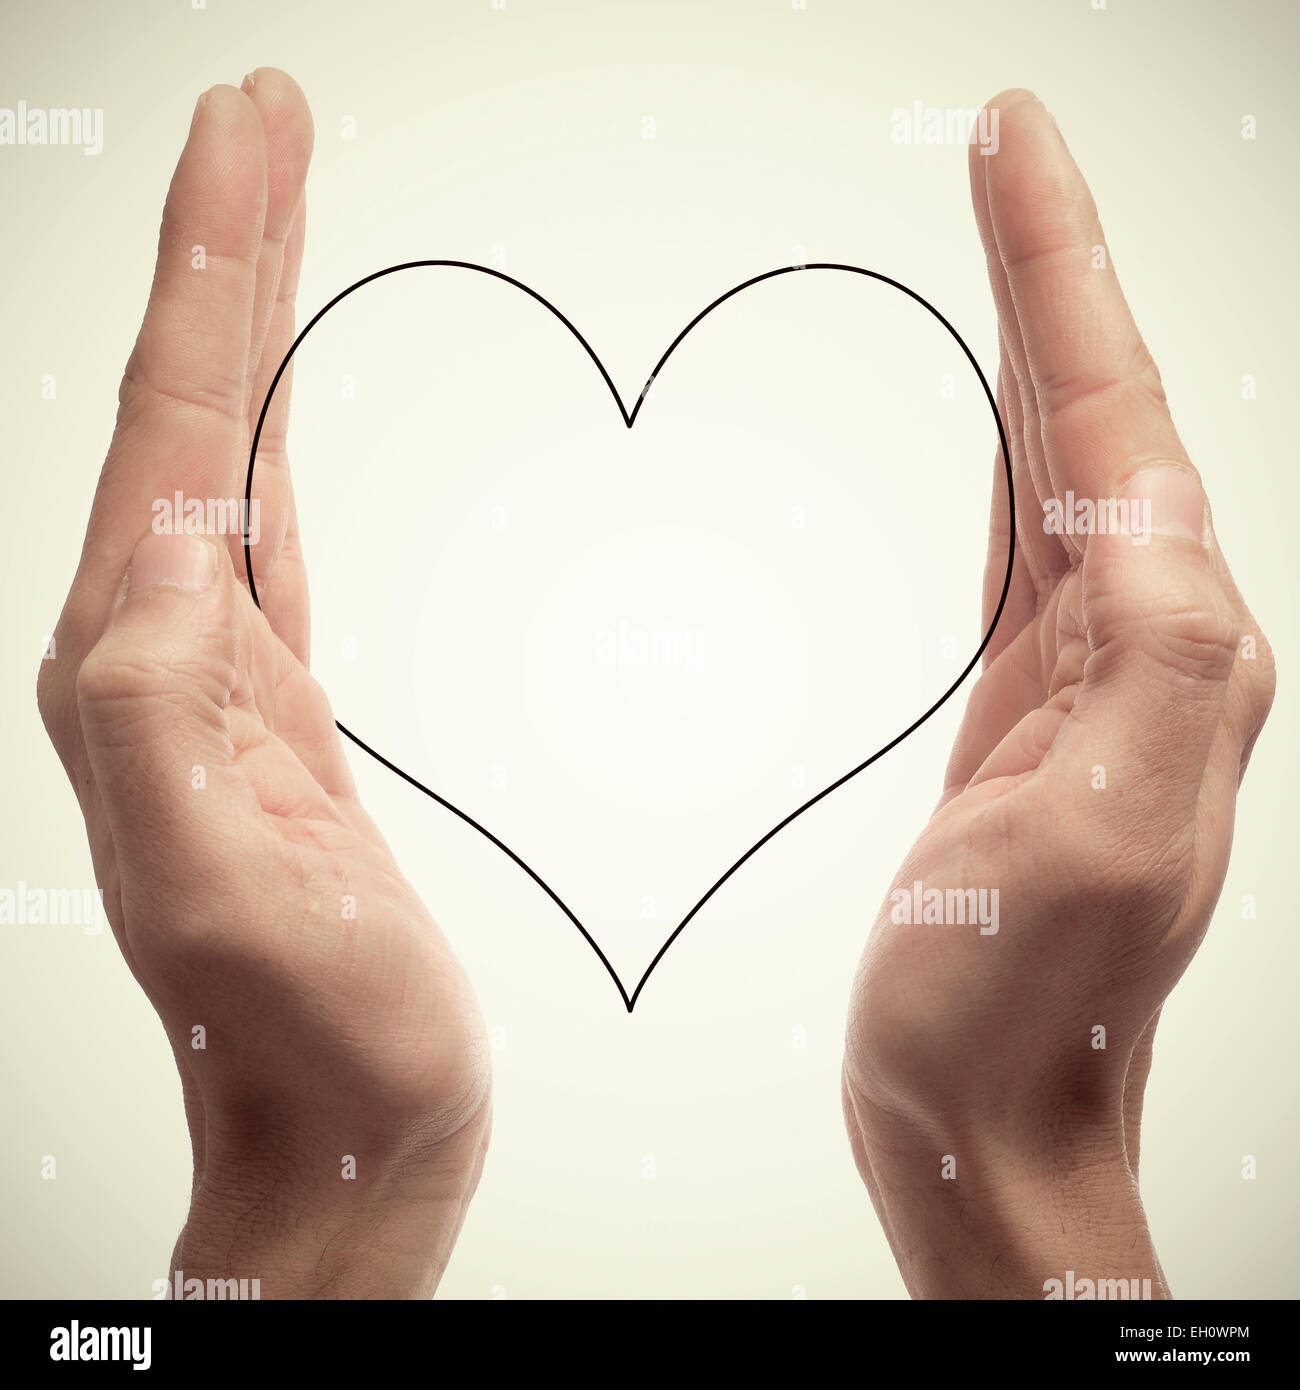 L'uomo mani tenendo una silhouette di un cuore, con un effetto retrò Immagini Stock